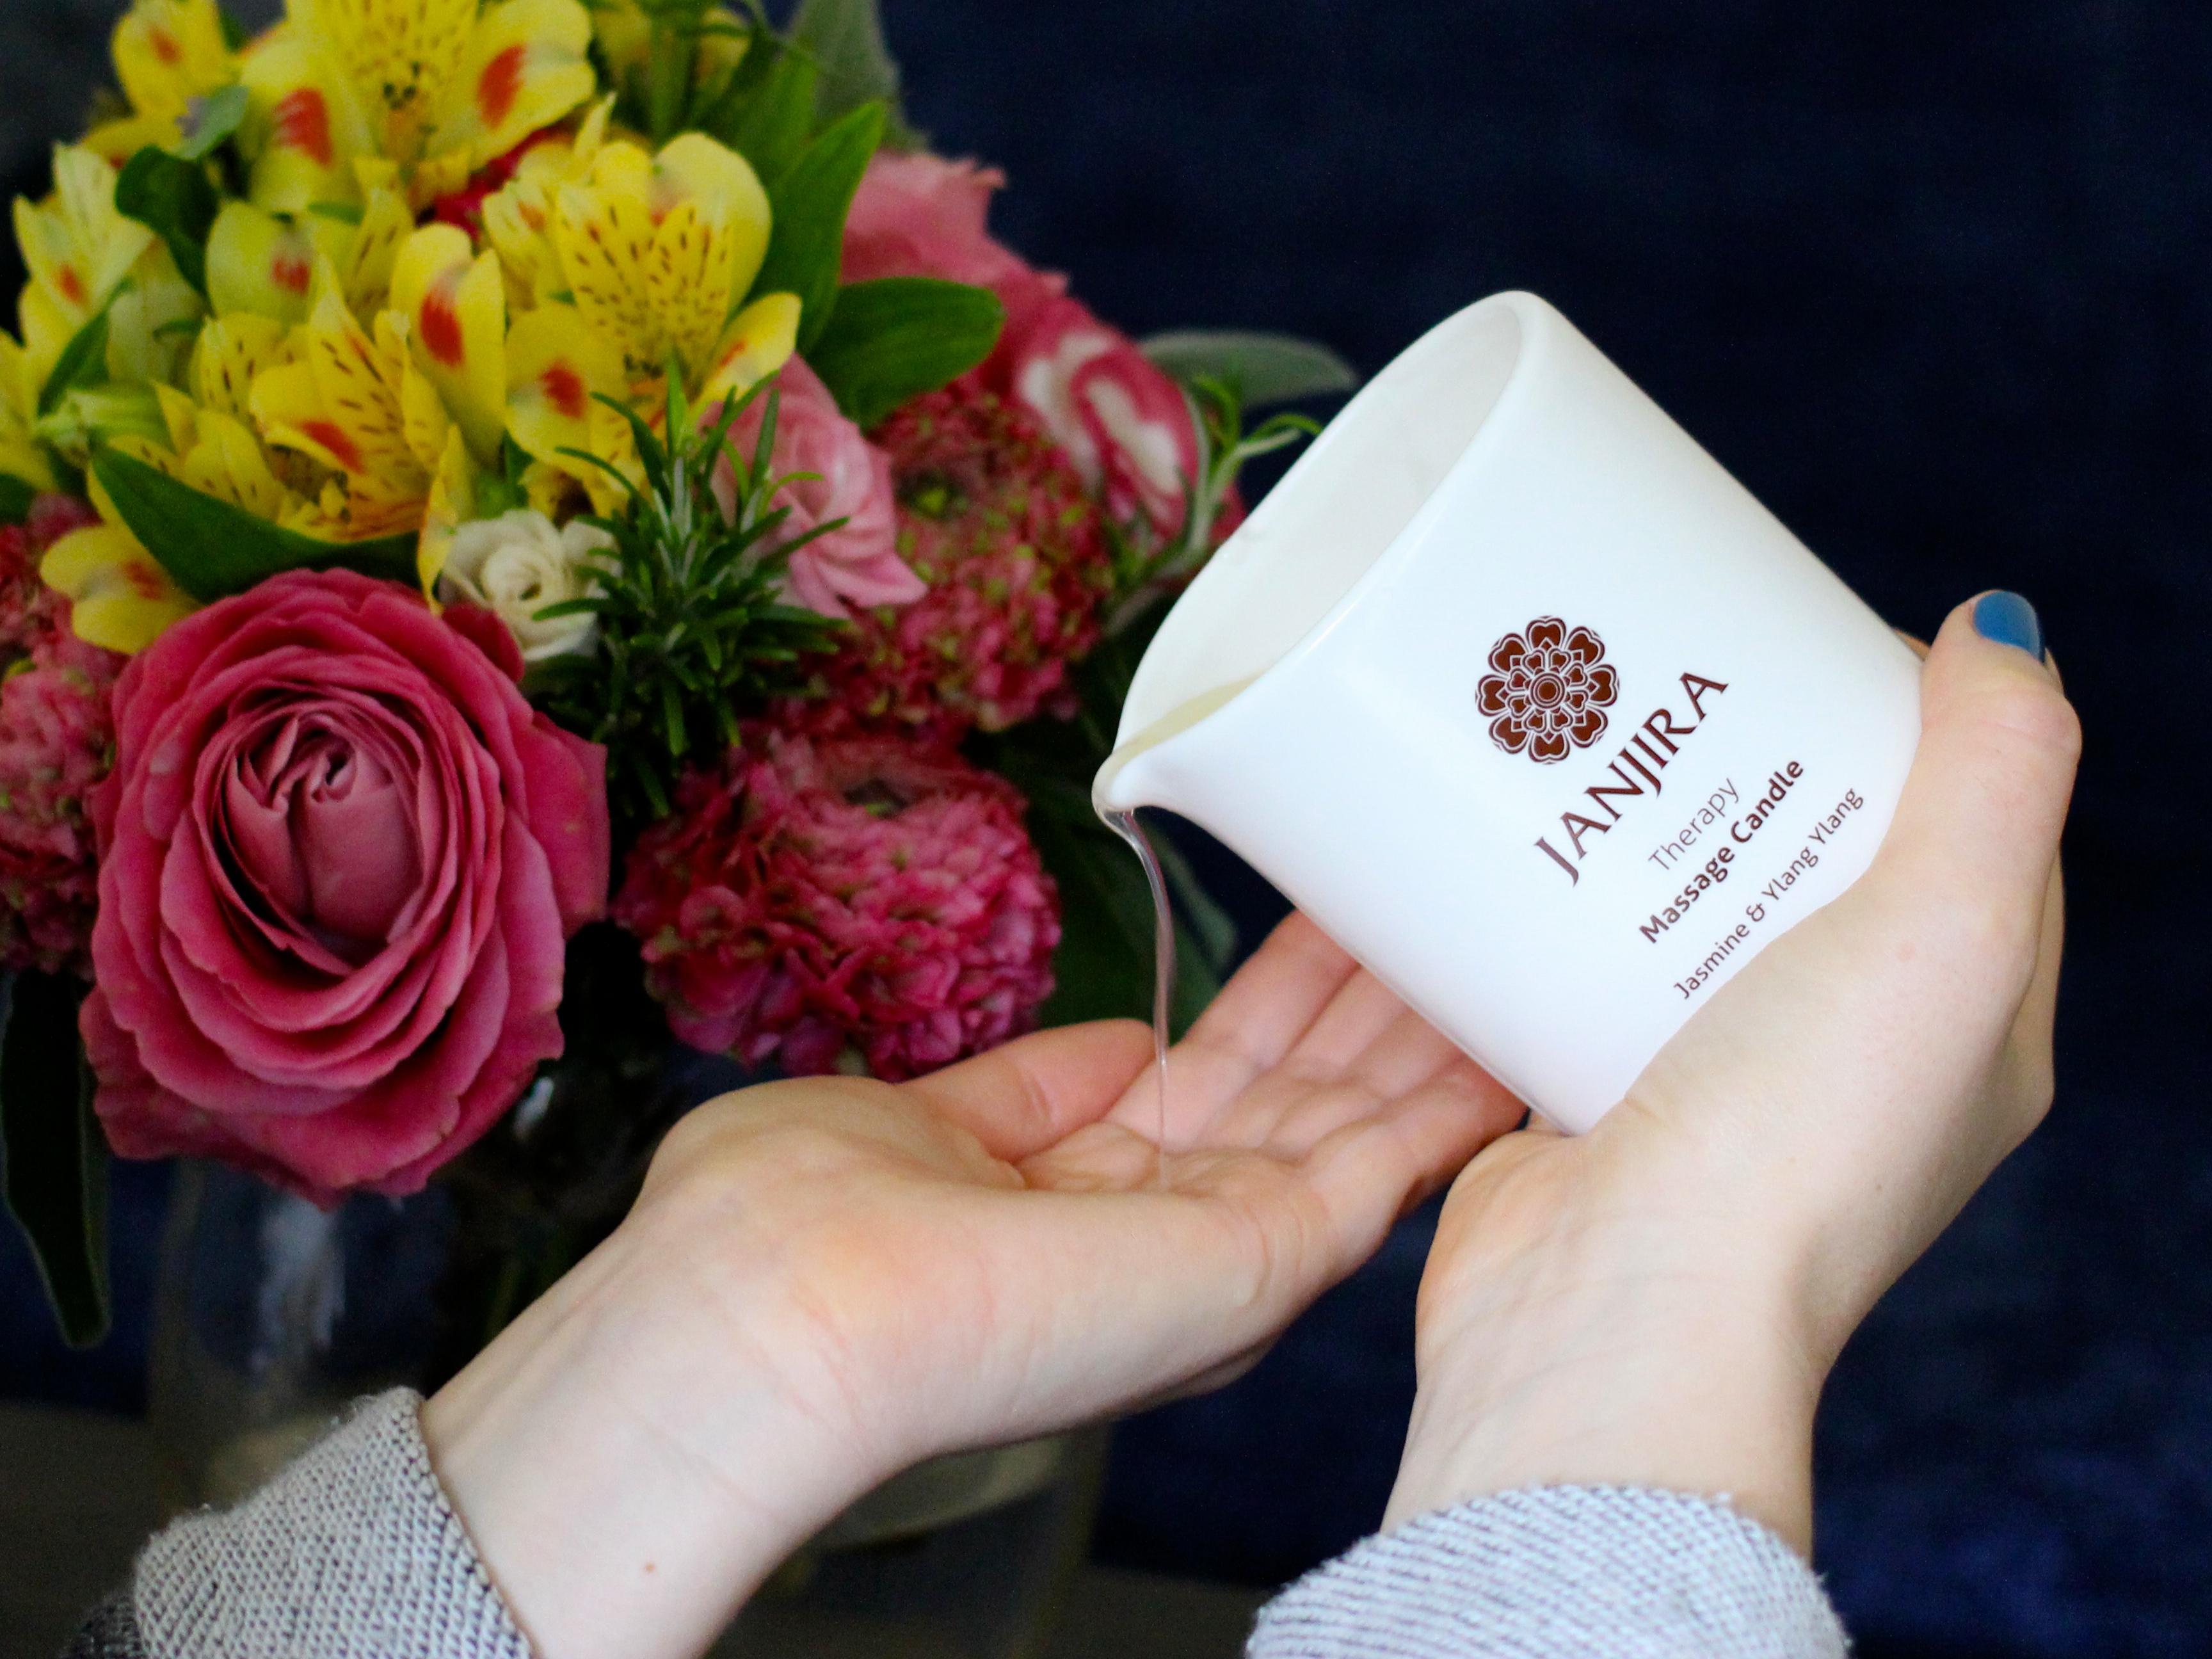 Janjira Massage Candle